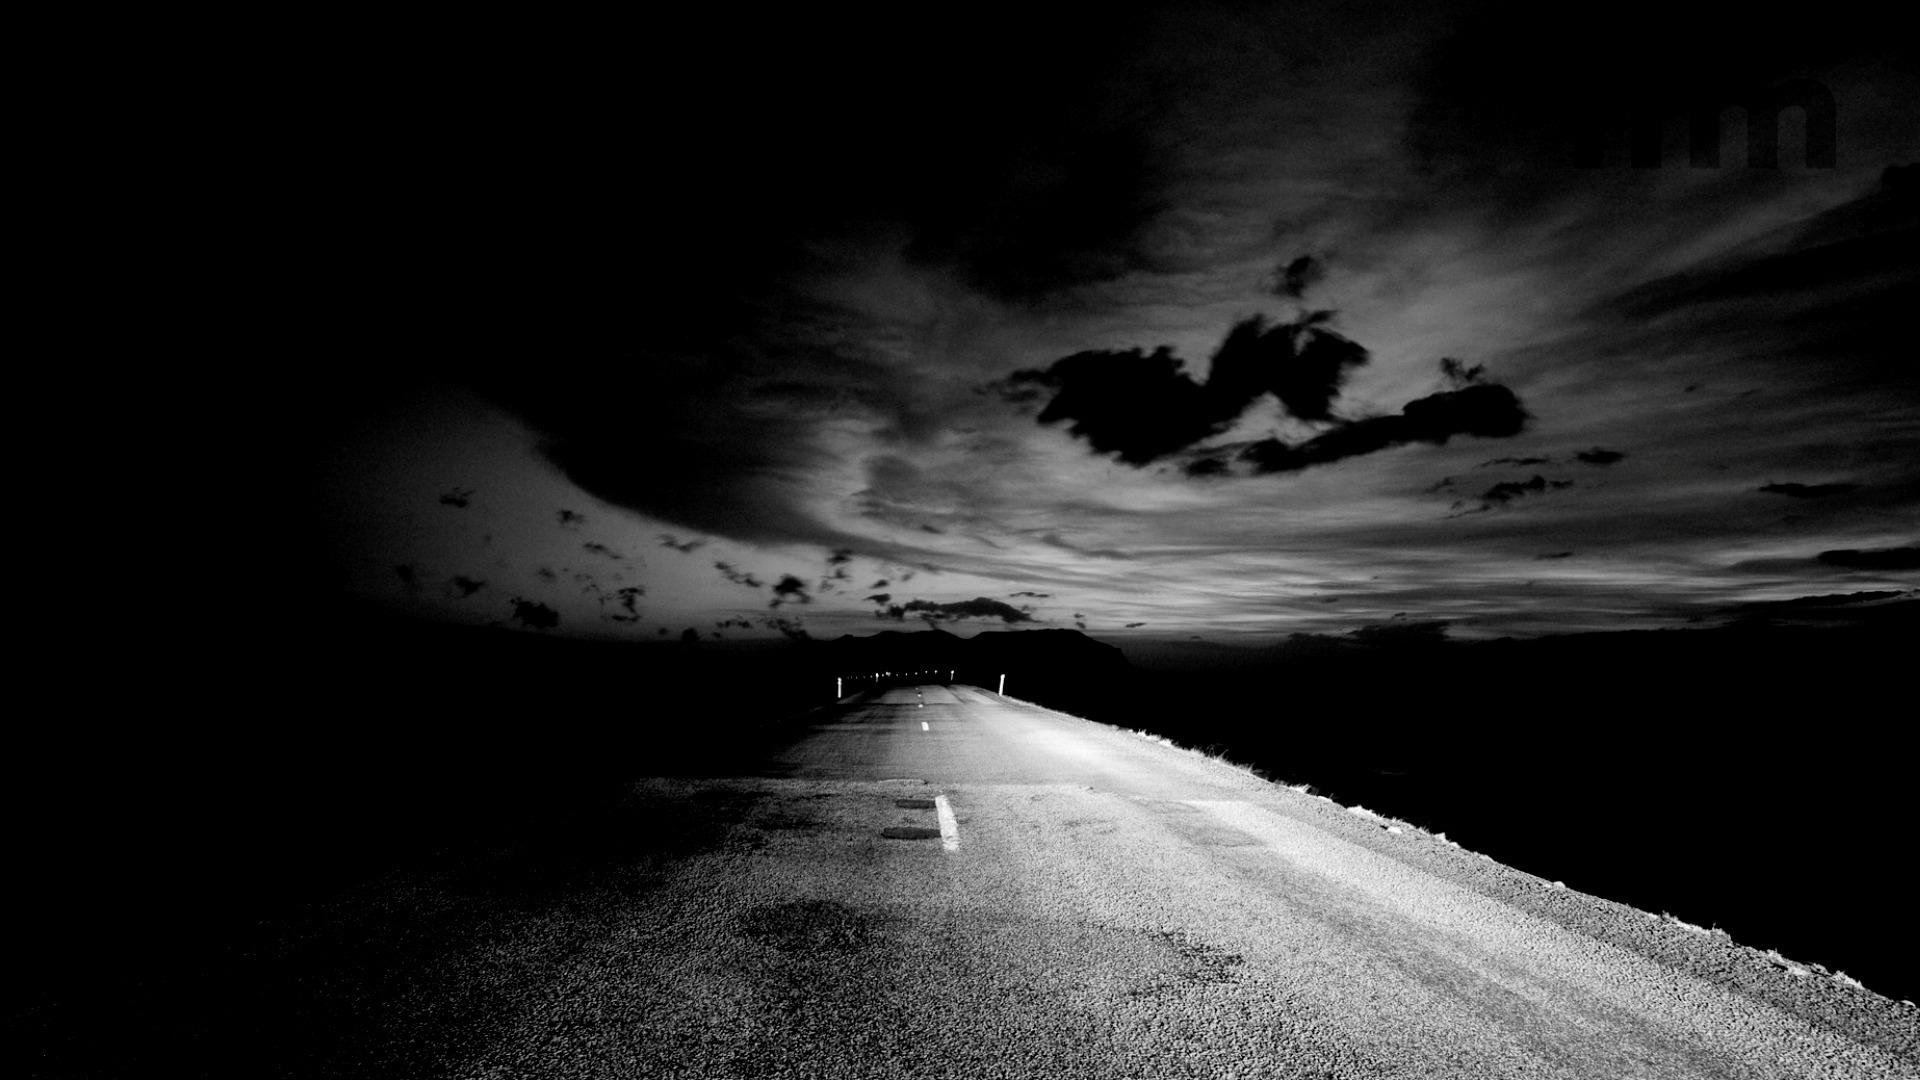 мрачная дорога бесплатно